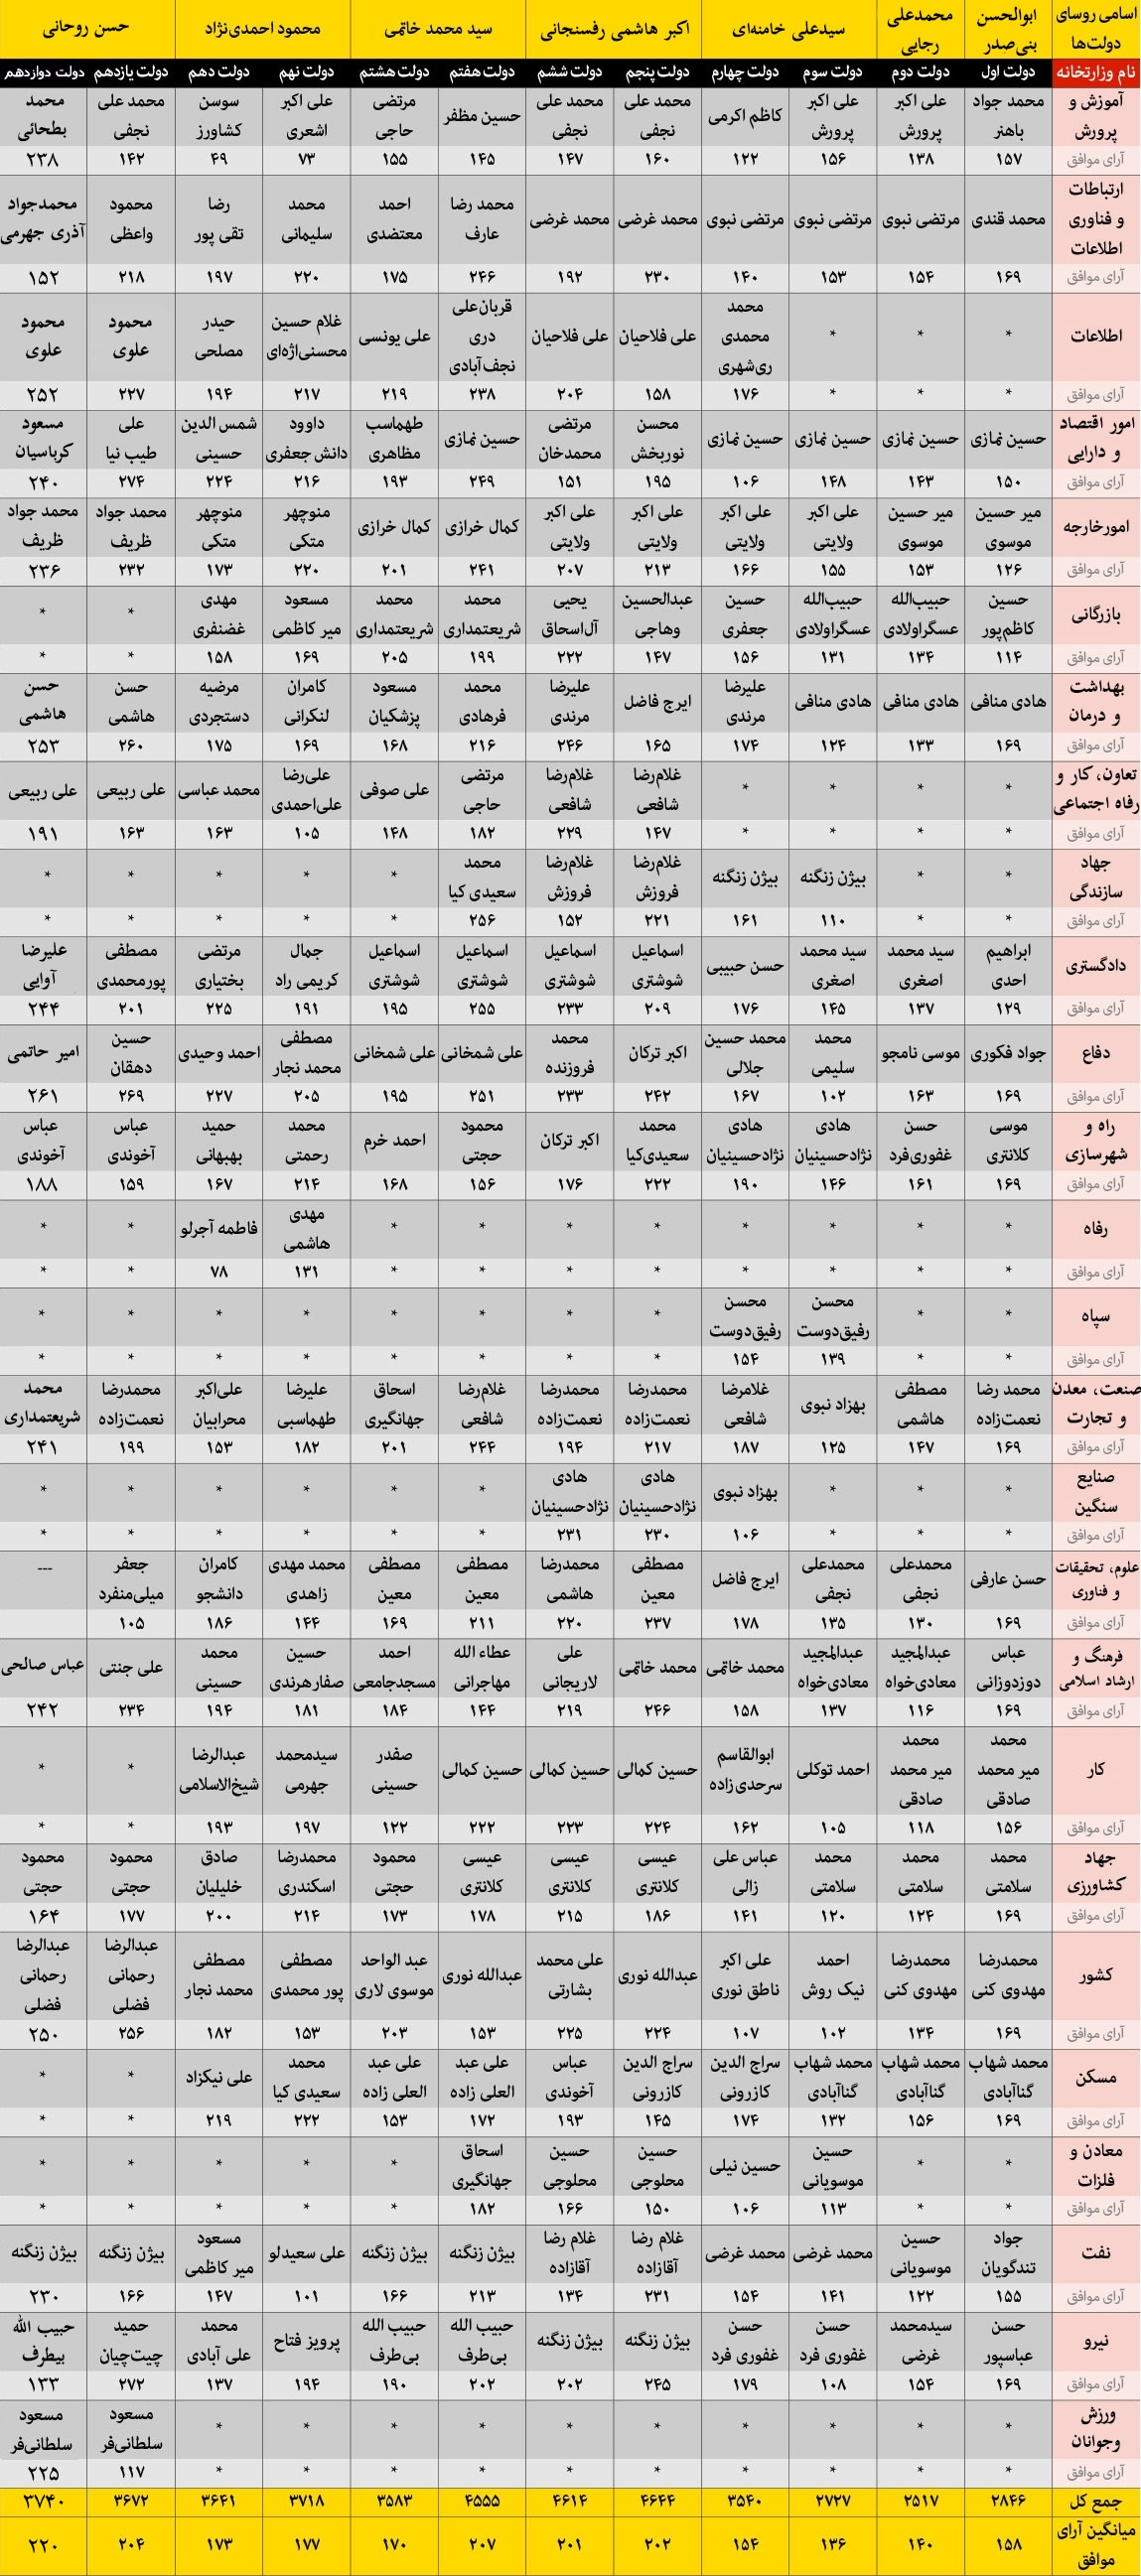 رای اعتماد 12 کابینه پس از انقلاب اسلامی